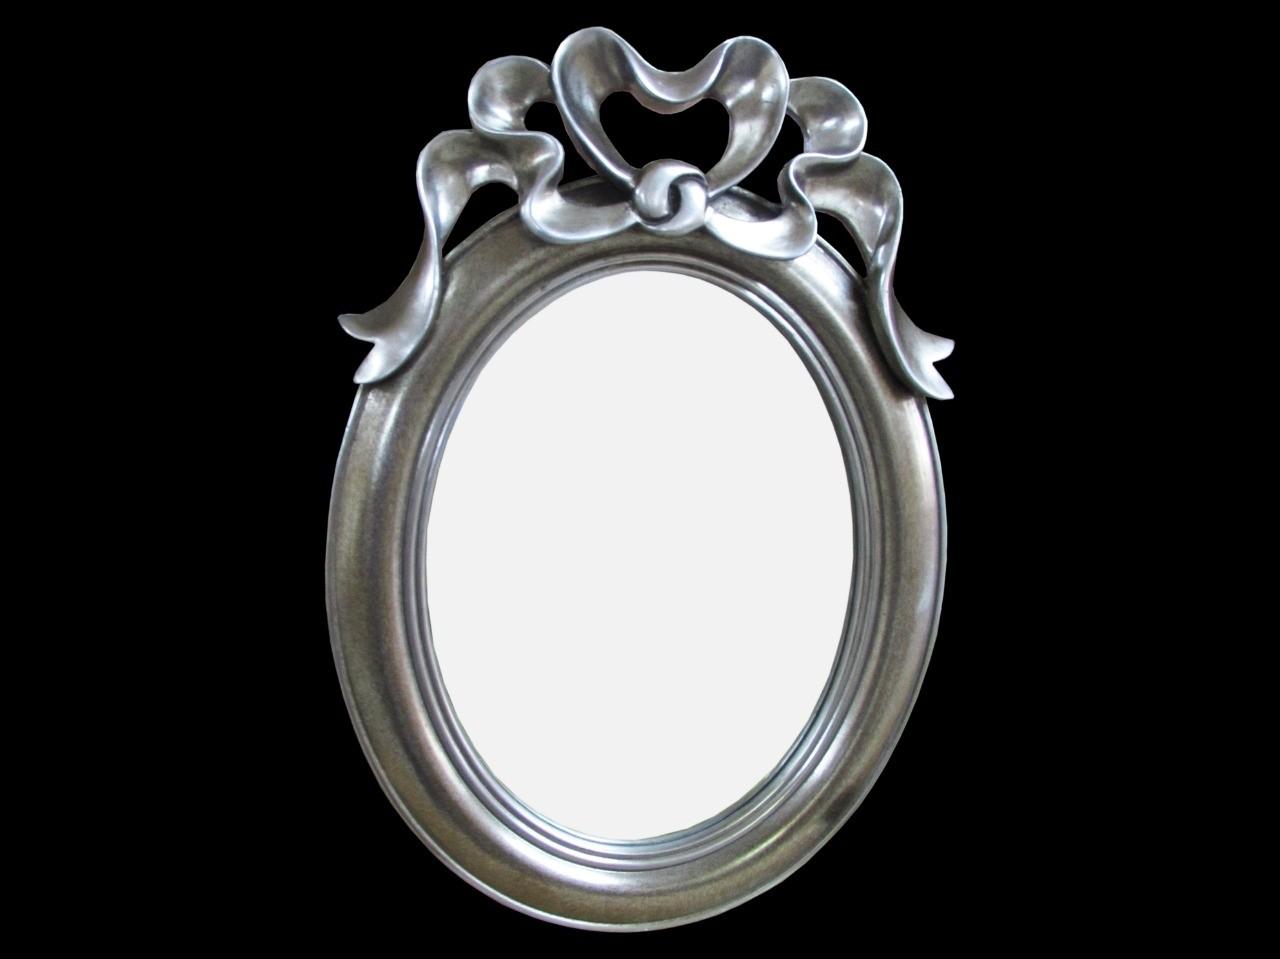 Espelho Oval Moldura Prata com Detalhe de Coração - Frontier